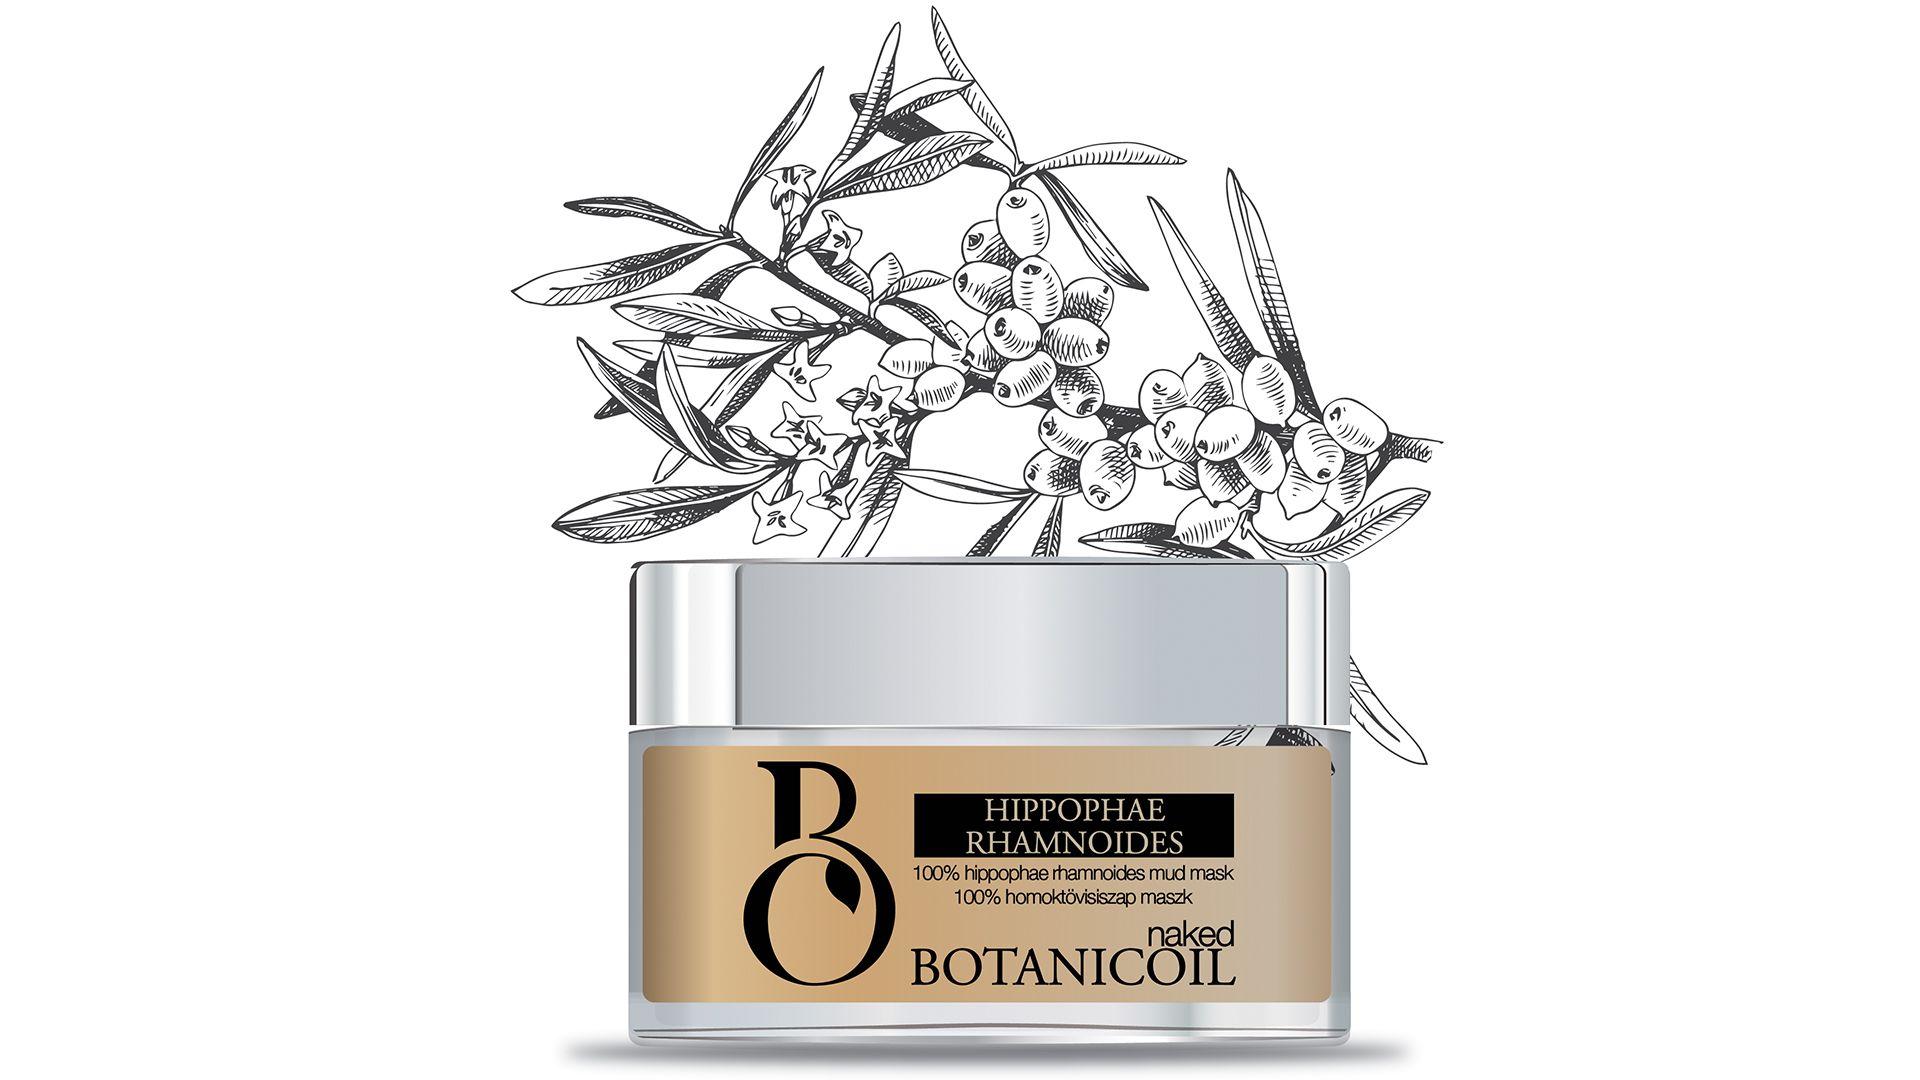 BotanicOil - Hippophae Rhamnoides Mud Mask, 100% Homoktövis Maszk